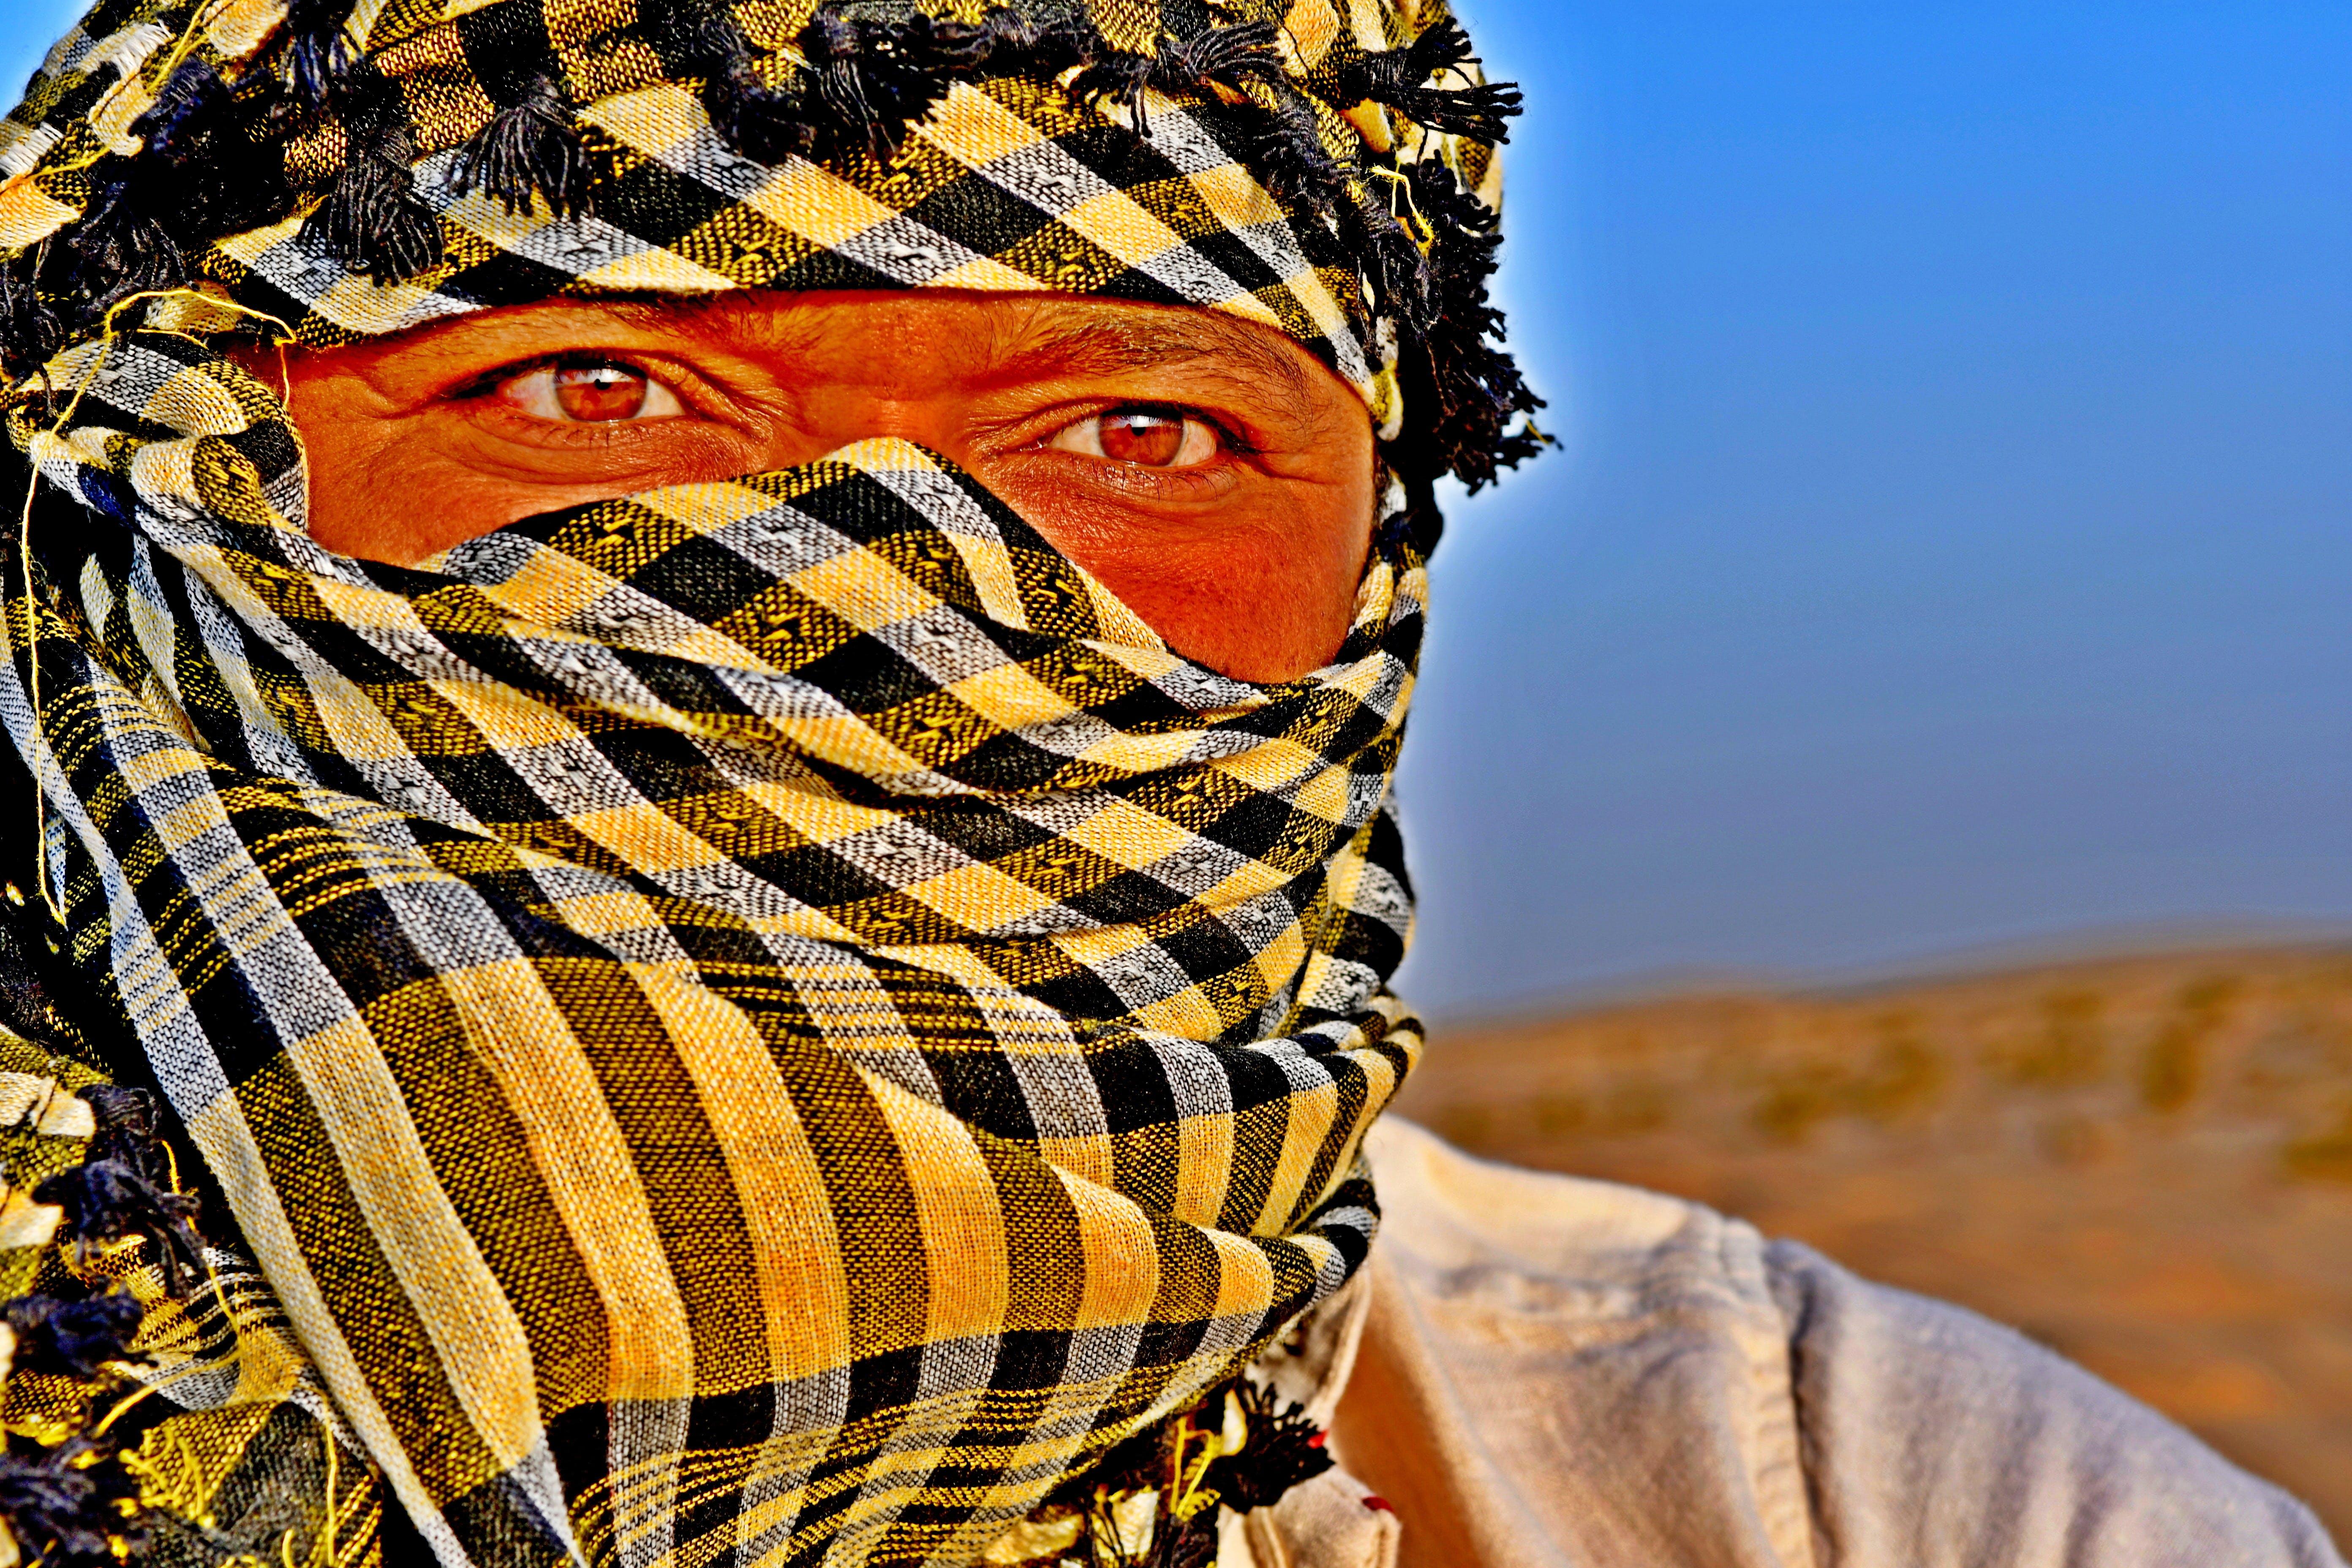 Gratis stockfoto met arabische man, arabische man in hoofddoek in de woestijn, blauw, cultuur